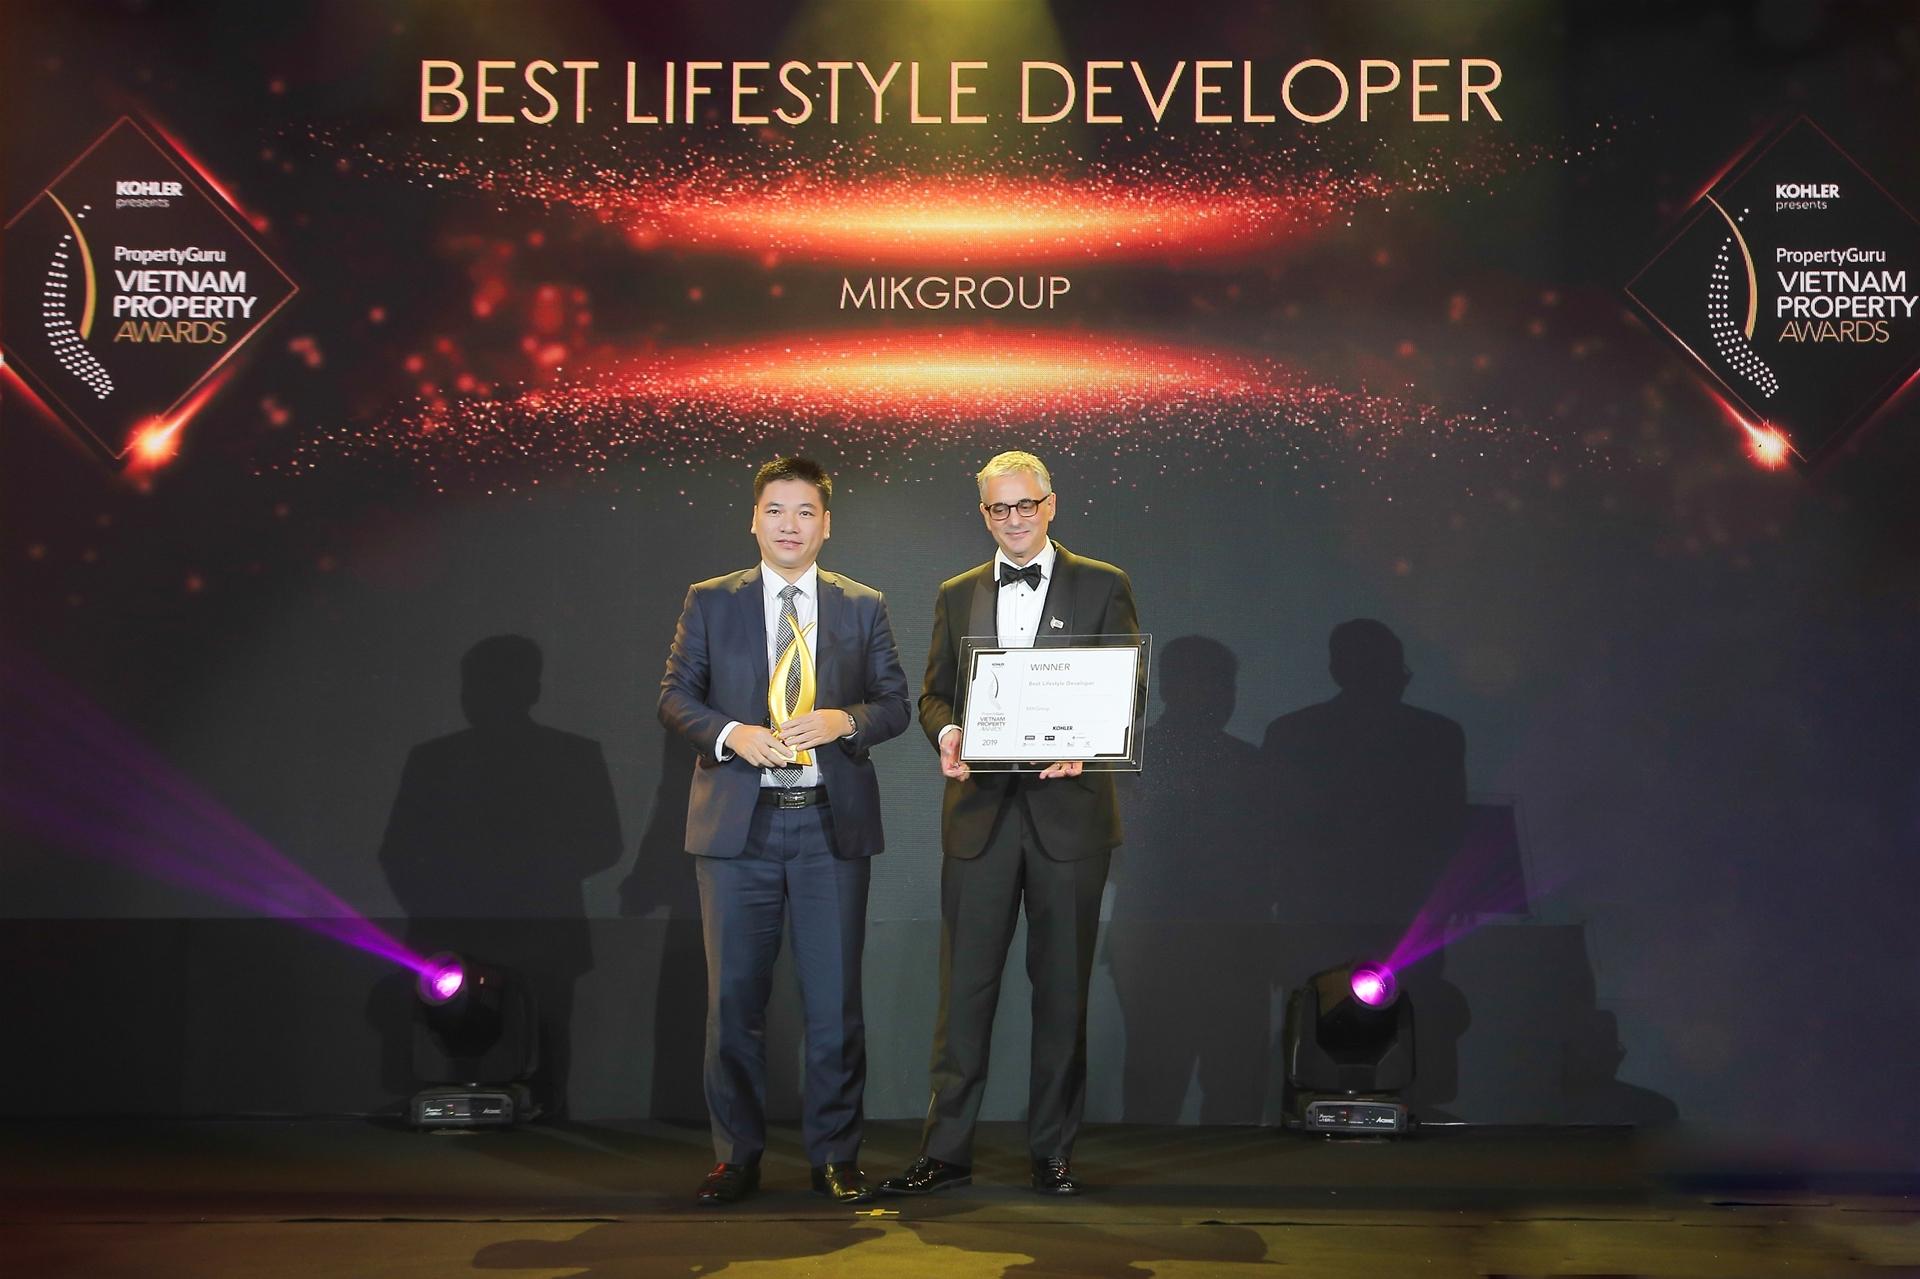 Vietnam Property Adwards vinh danh MIKGroup là nhà phát triển BĐS phong cách sống tốt nhất